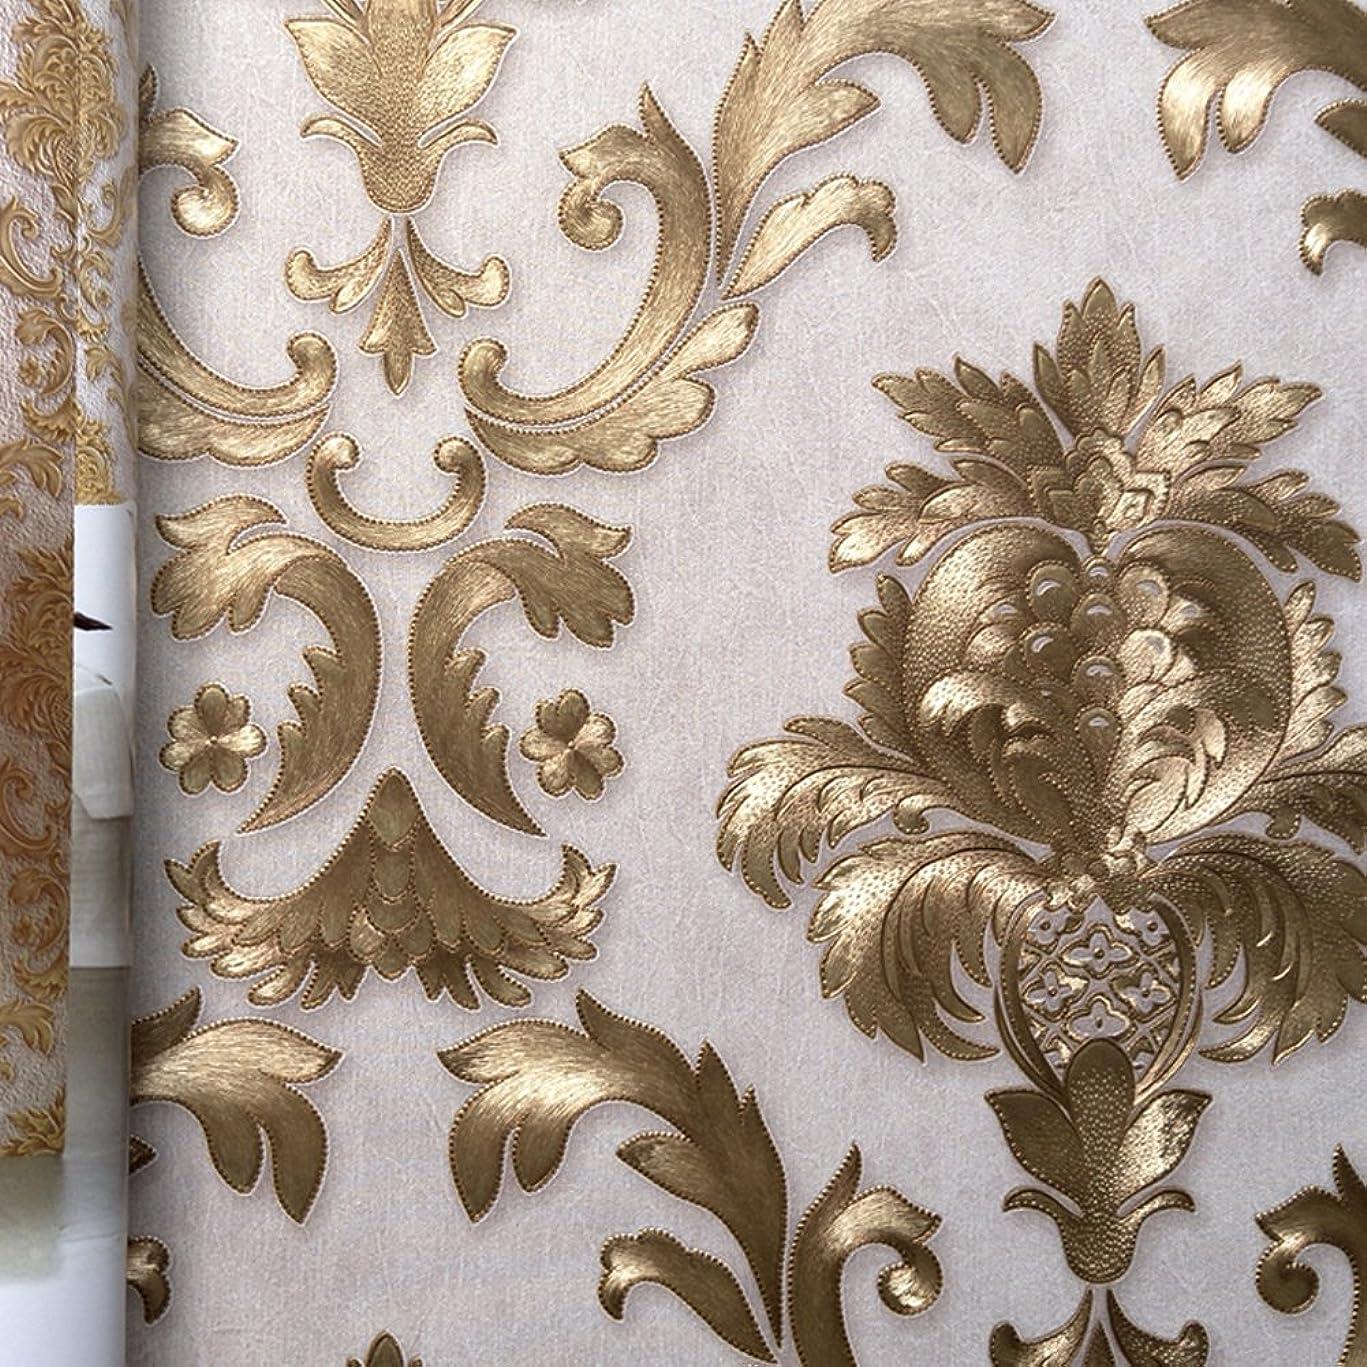 苛性リラックス護衛ヨーロッパ復古豪華レリーフ金色質感壁紙-インテリアシール客間、寝室とテレビの背景の- 28.87 x347インチ- Dracarys (金色の模様)